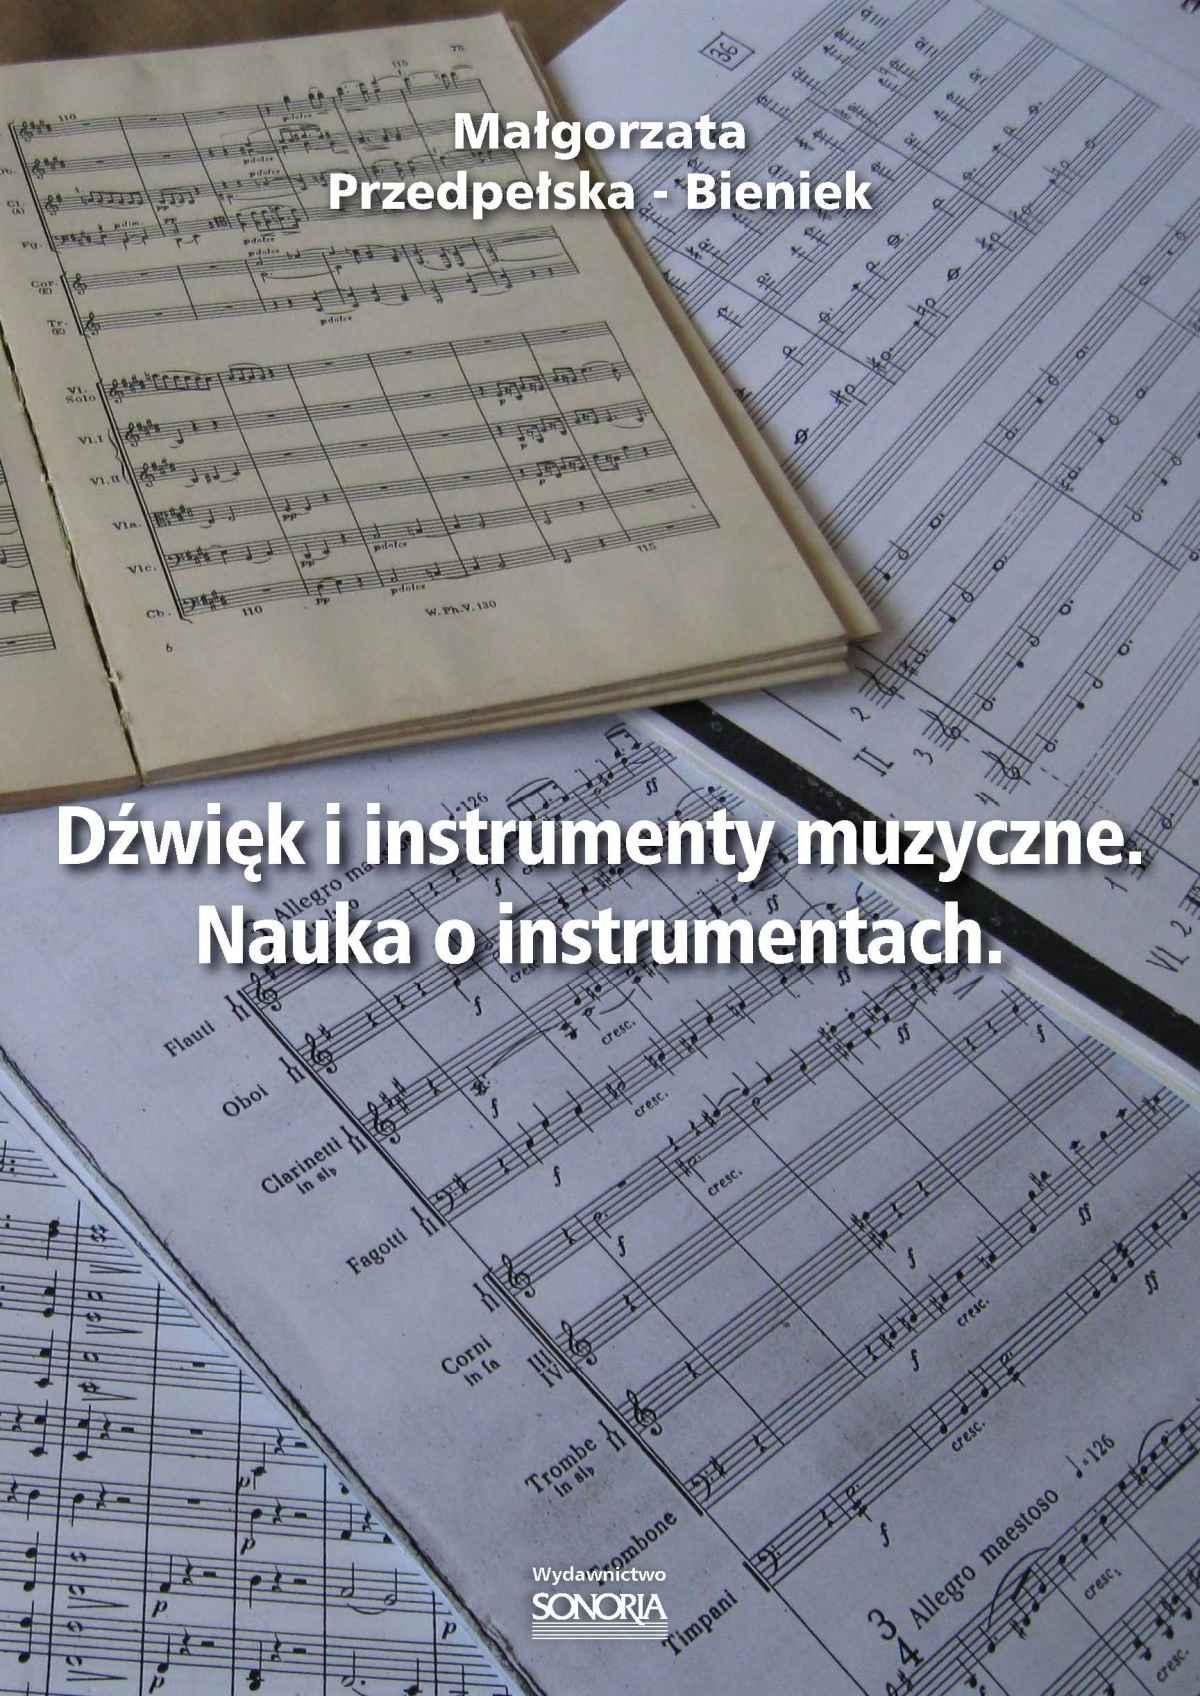 Dźwięk i instrumenty muzyczne. Nauka o instrumentach. - Ebook (Książka PDF) do pobrania w formacie PDF